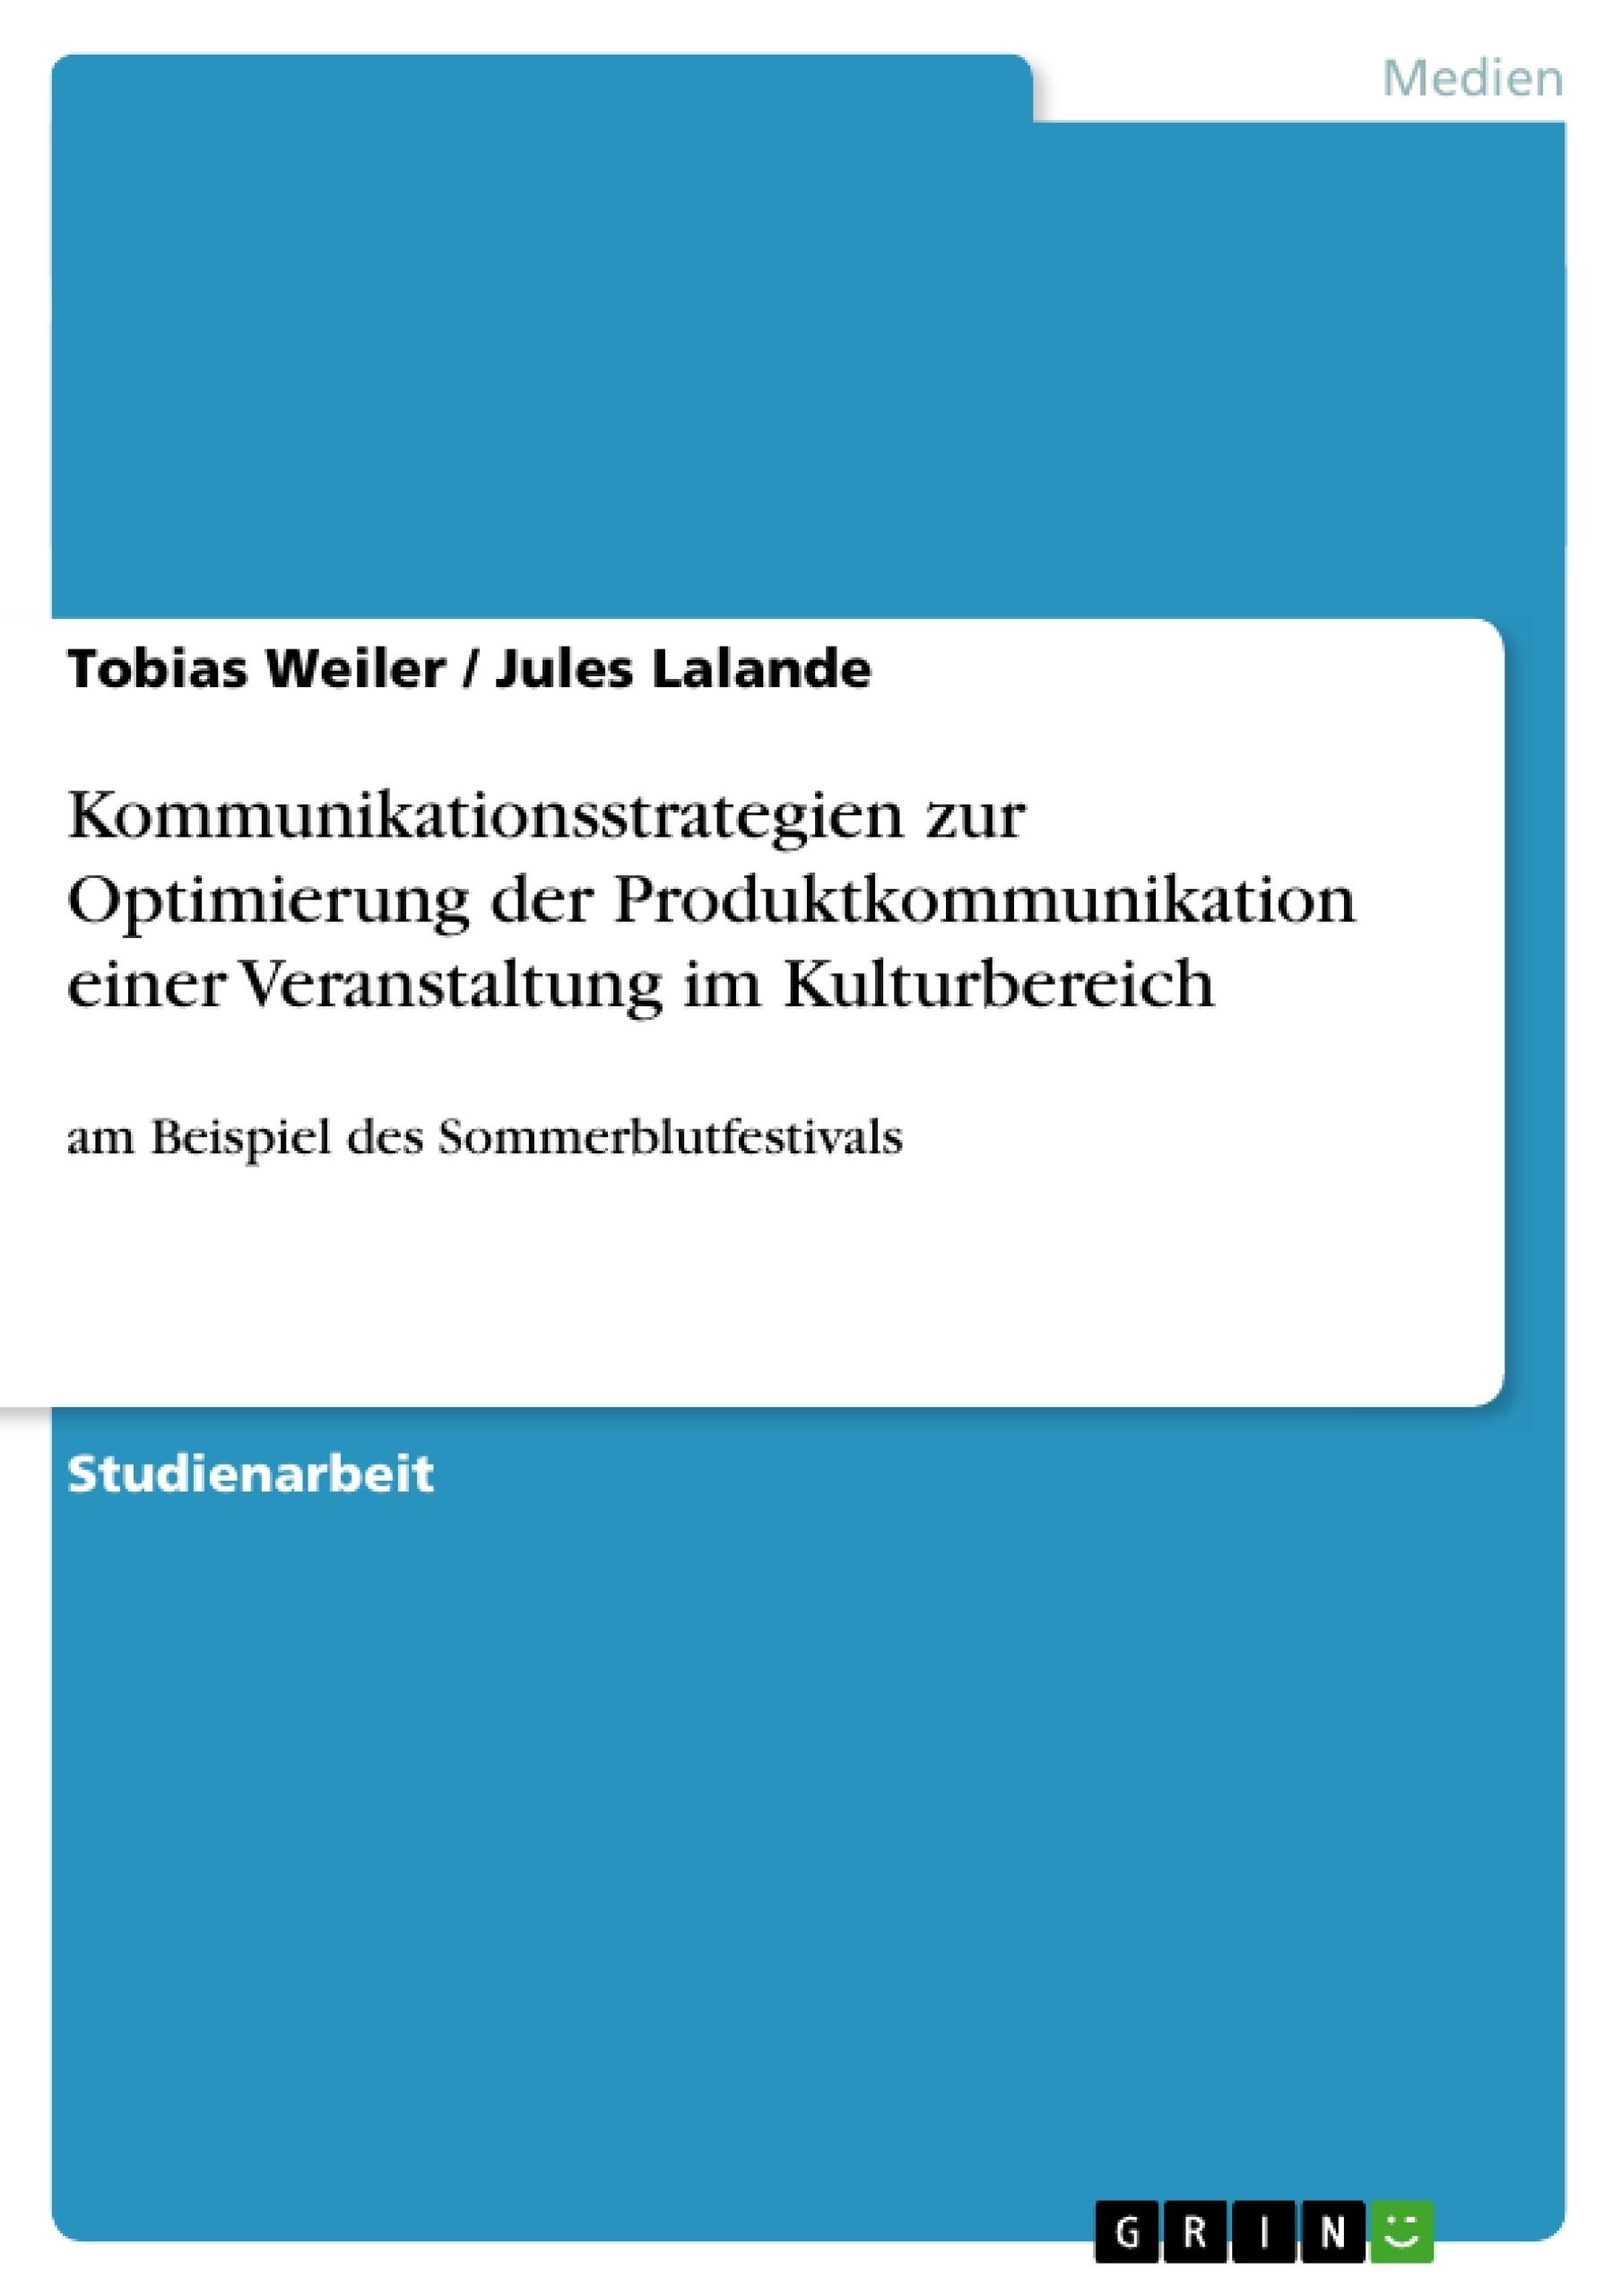 Titel: Kommunikationsstrategien zur Optimierung der Produktkommunikation einer Veranstaltung im Kulturbereich